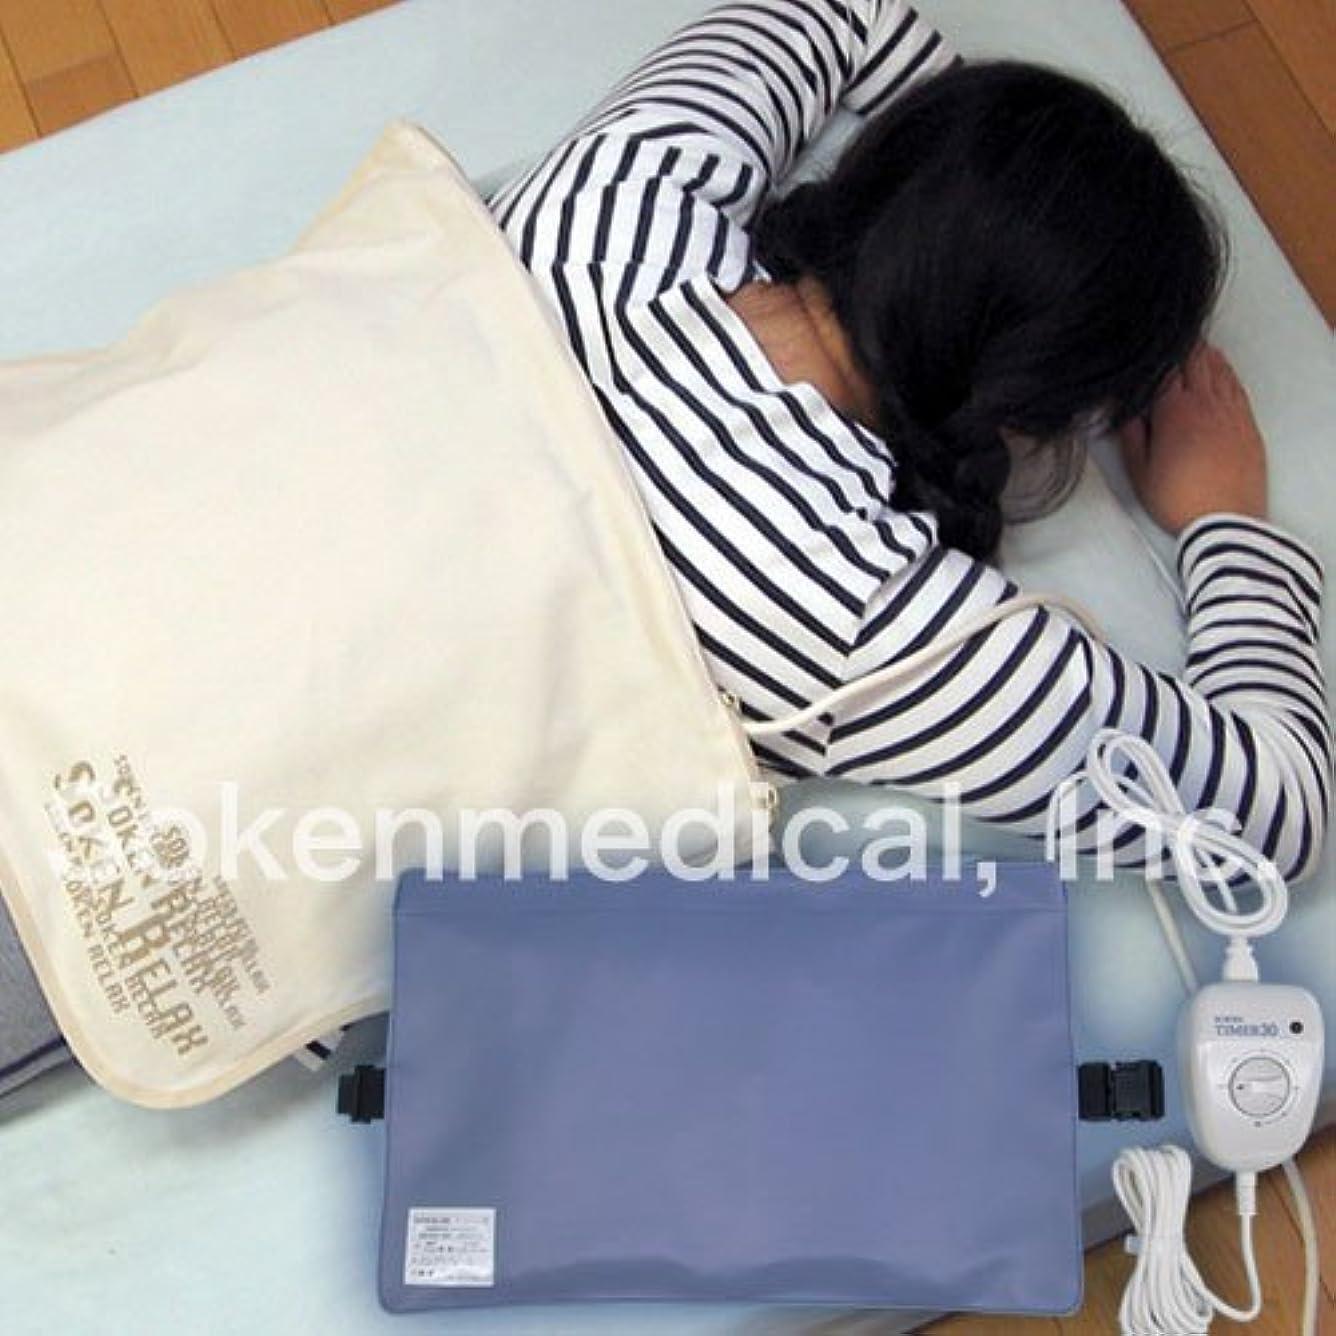 割る保存する取り壊す電気磁気治療器「ソーケンリラックス」60Hz 血流を良くしてコリをほぐす効果抜群!